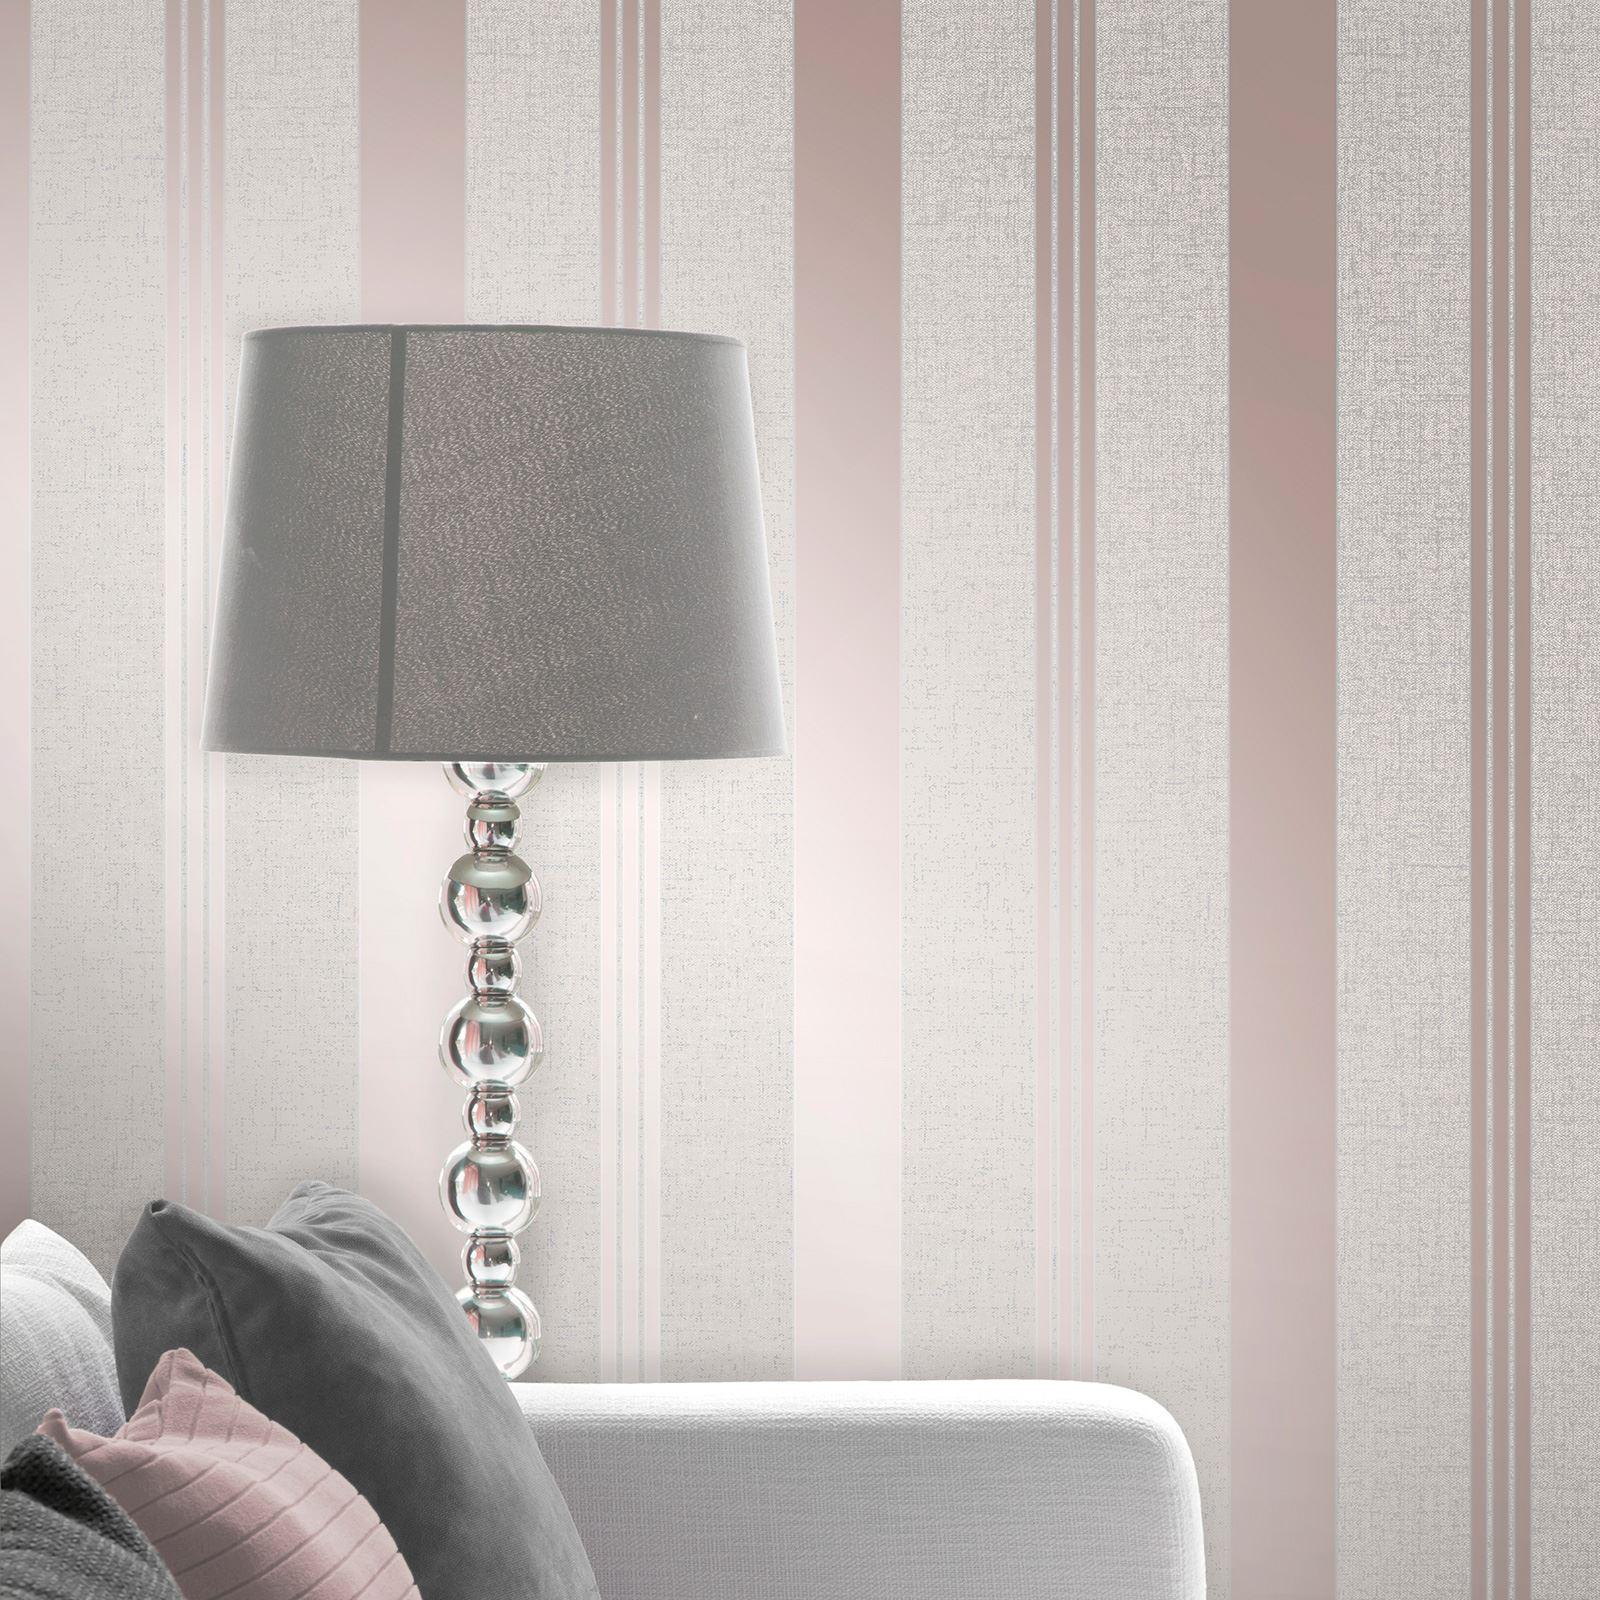 Rotgold-Tapete-Grau-Creme-Exotisch-Blumen-Tropisch-Palme-Blaetter-Geometrisch Indexbild 60